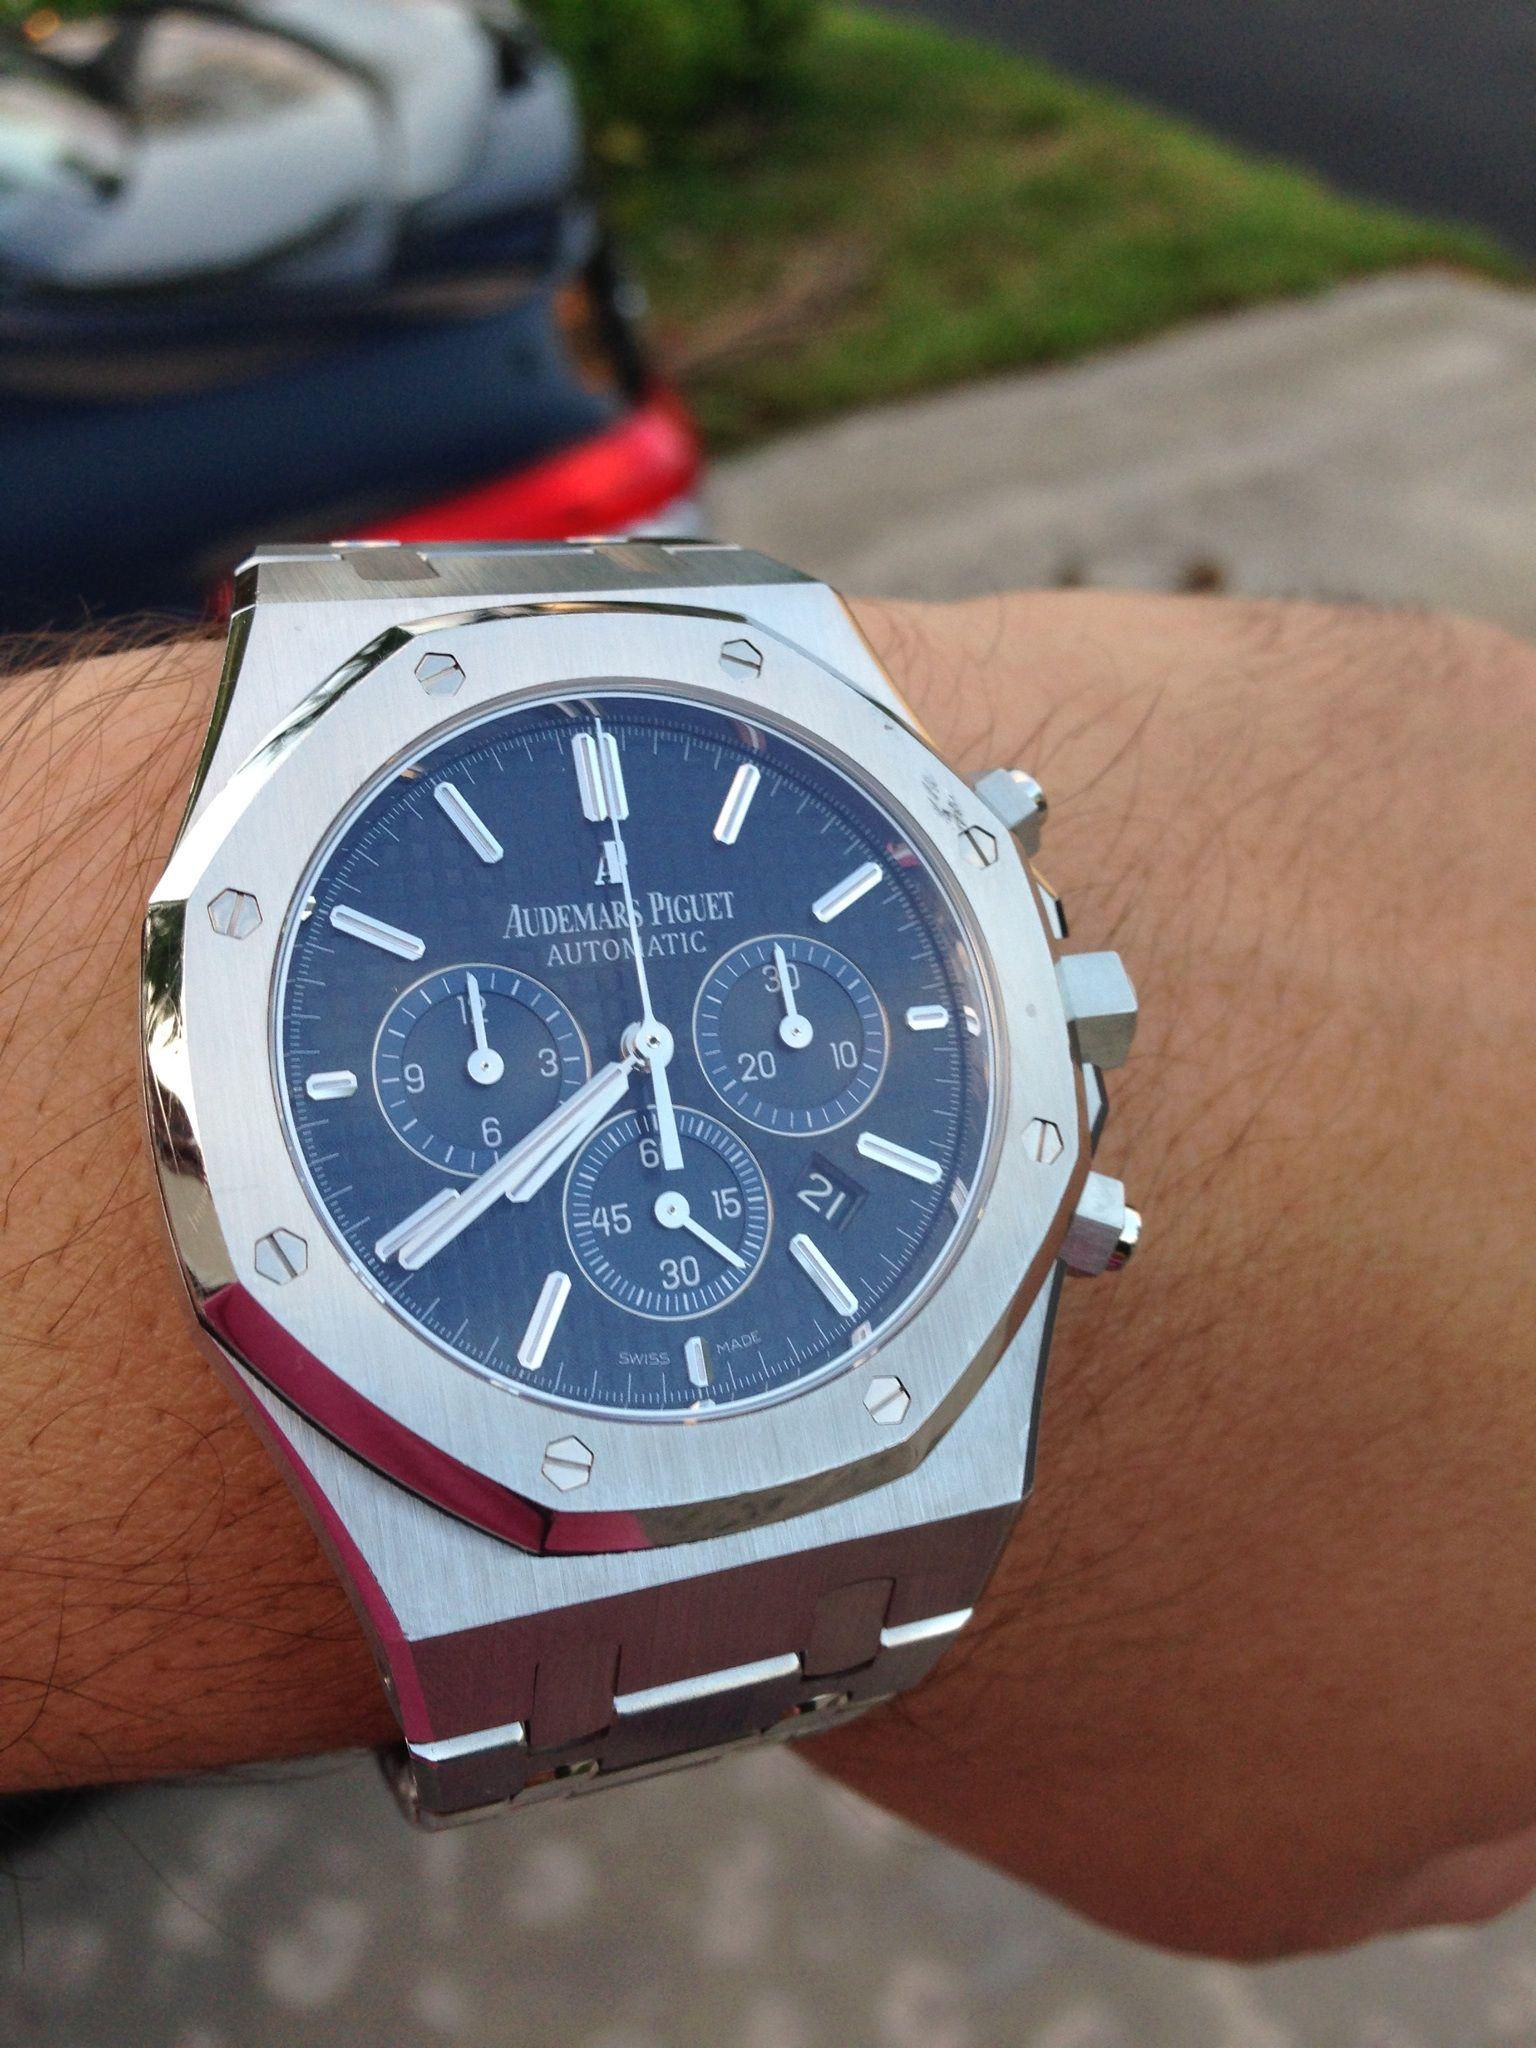 This Watch Has Class Written All Over It Audemars Piguet Royal